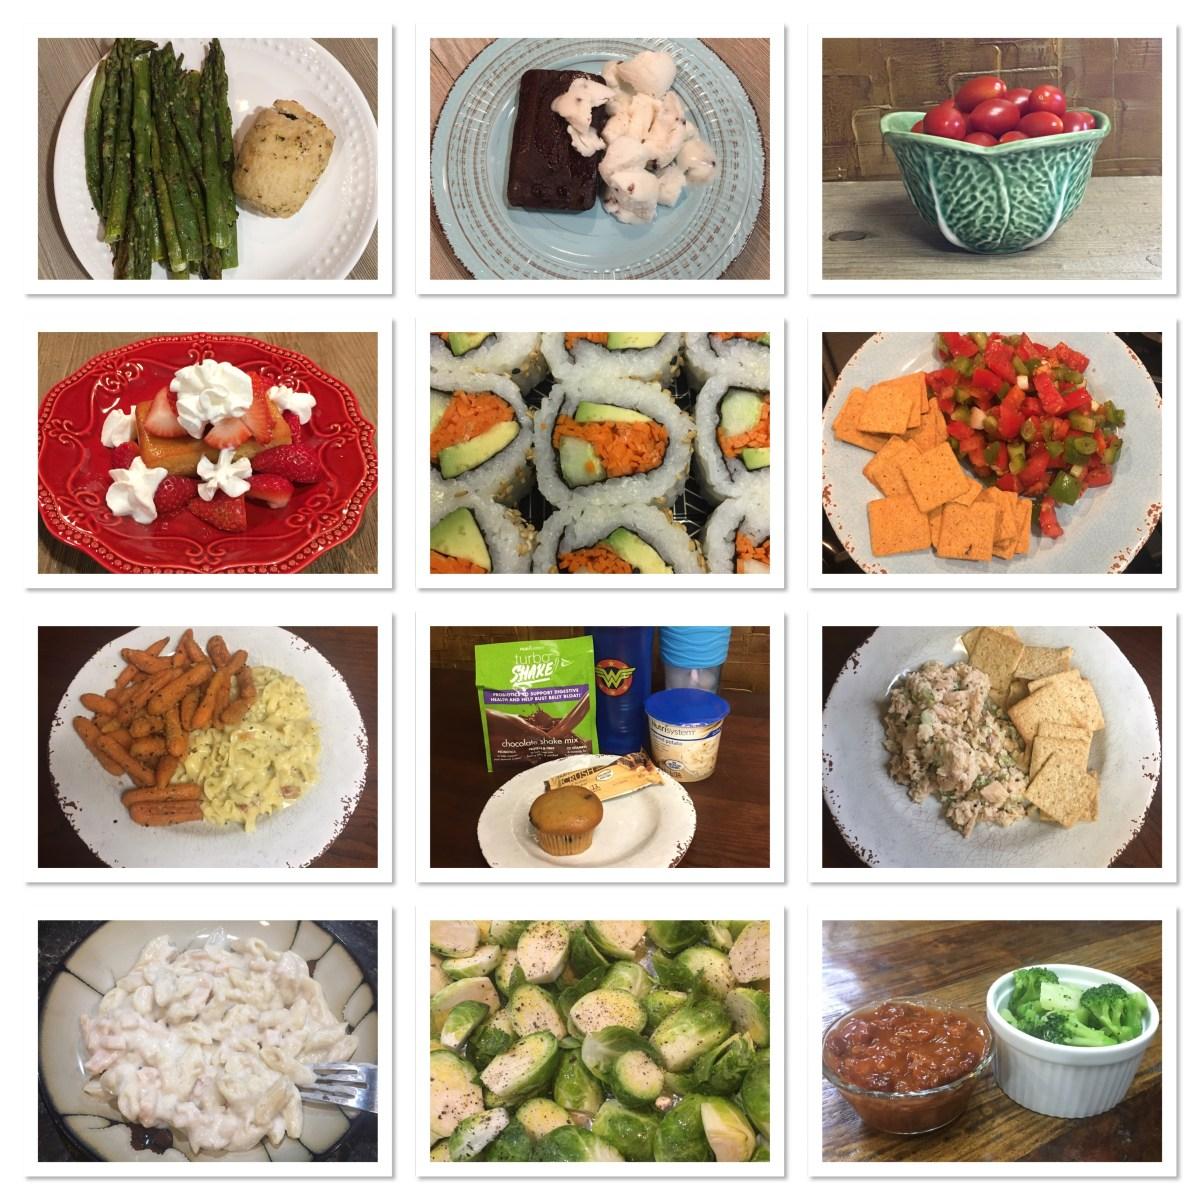 Nutrisystem Meals